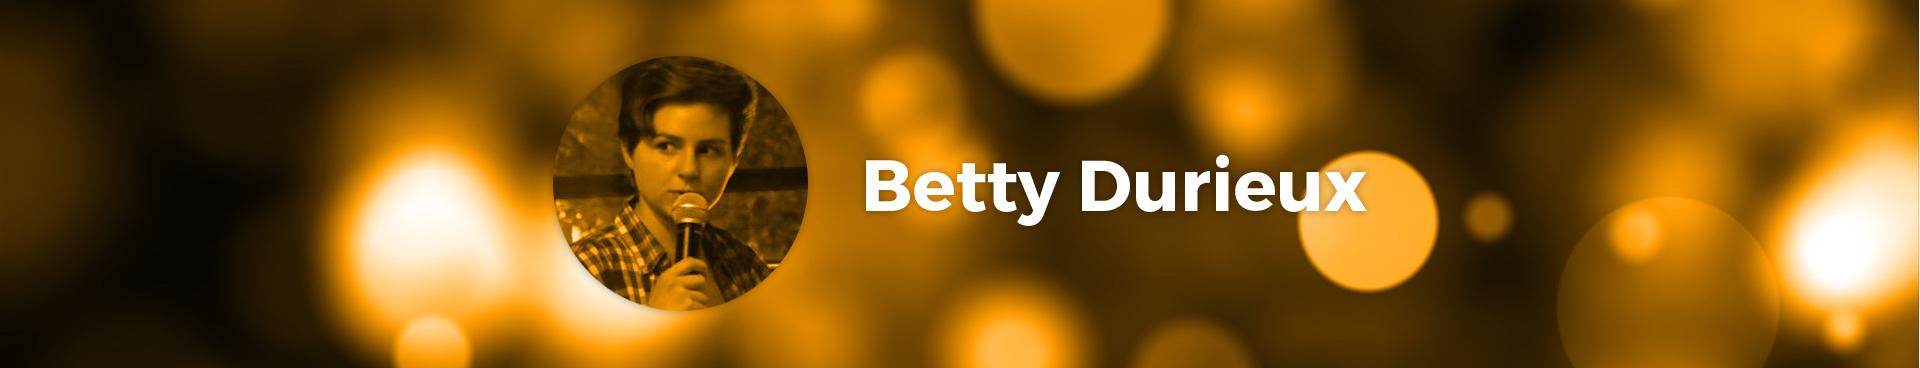 Betty Durieux, artiste Le Spot du Rire